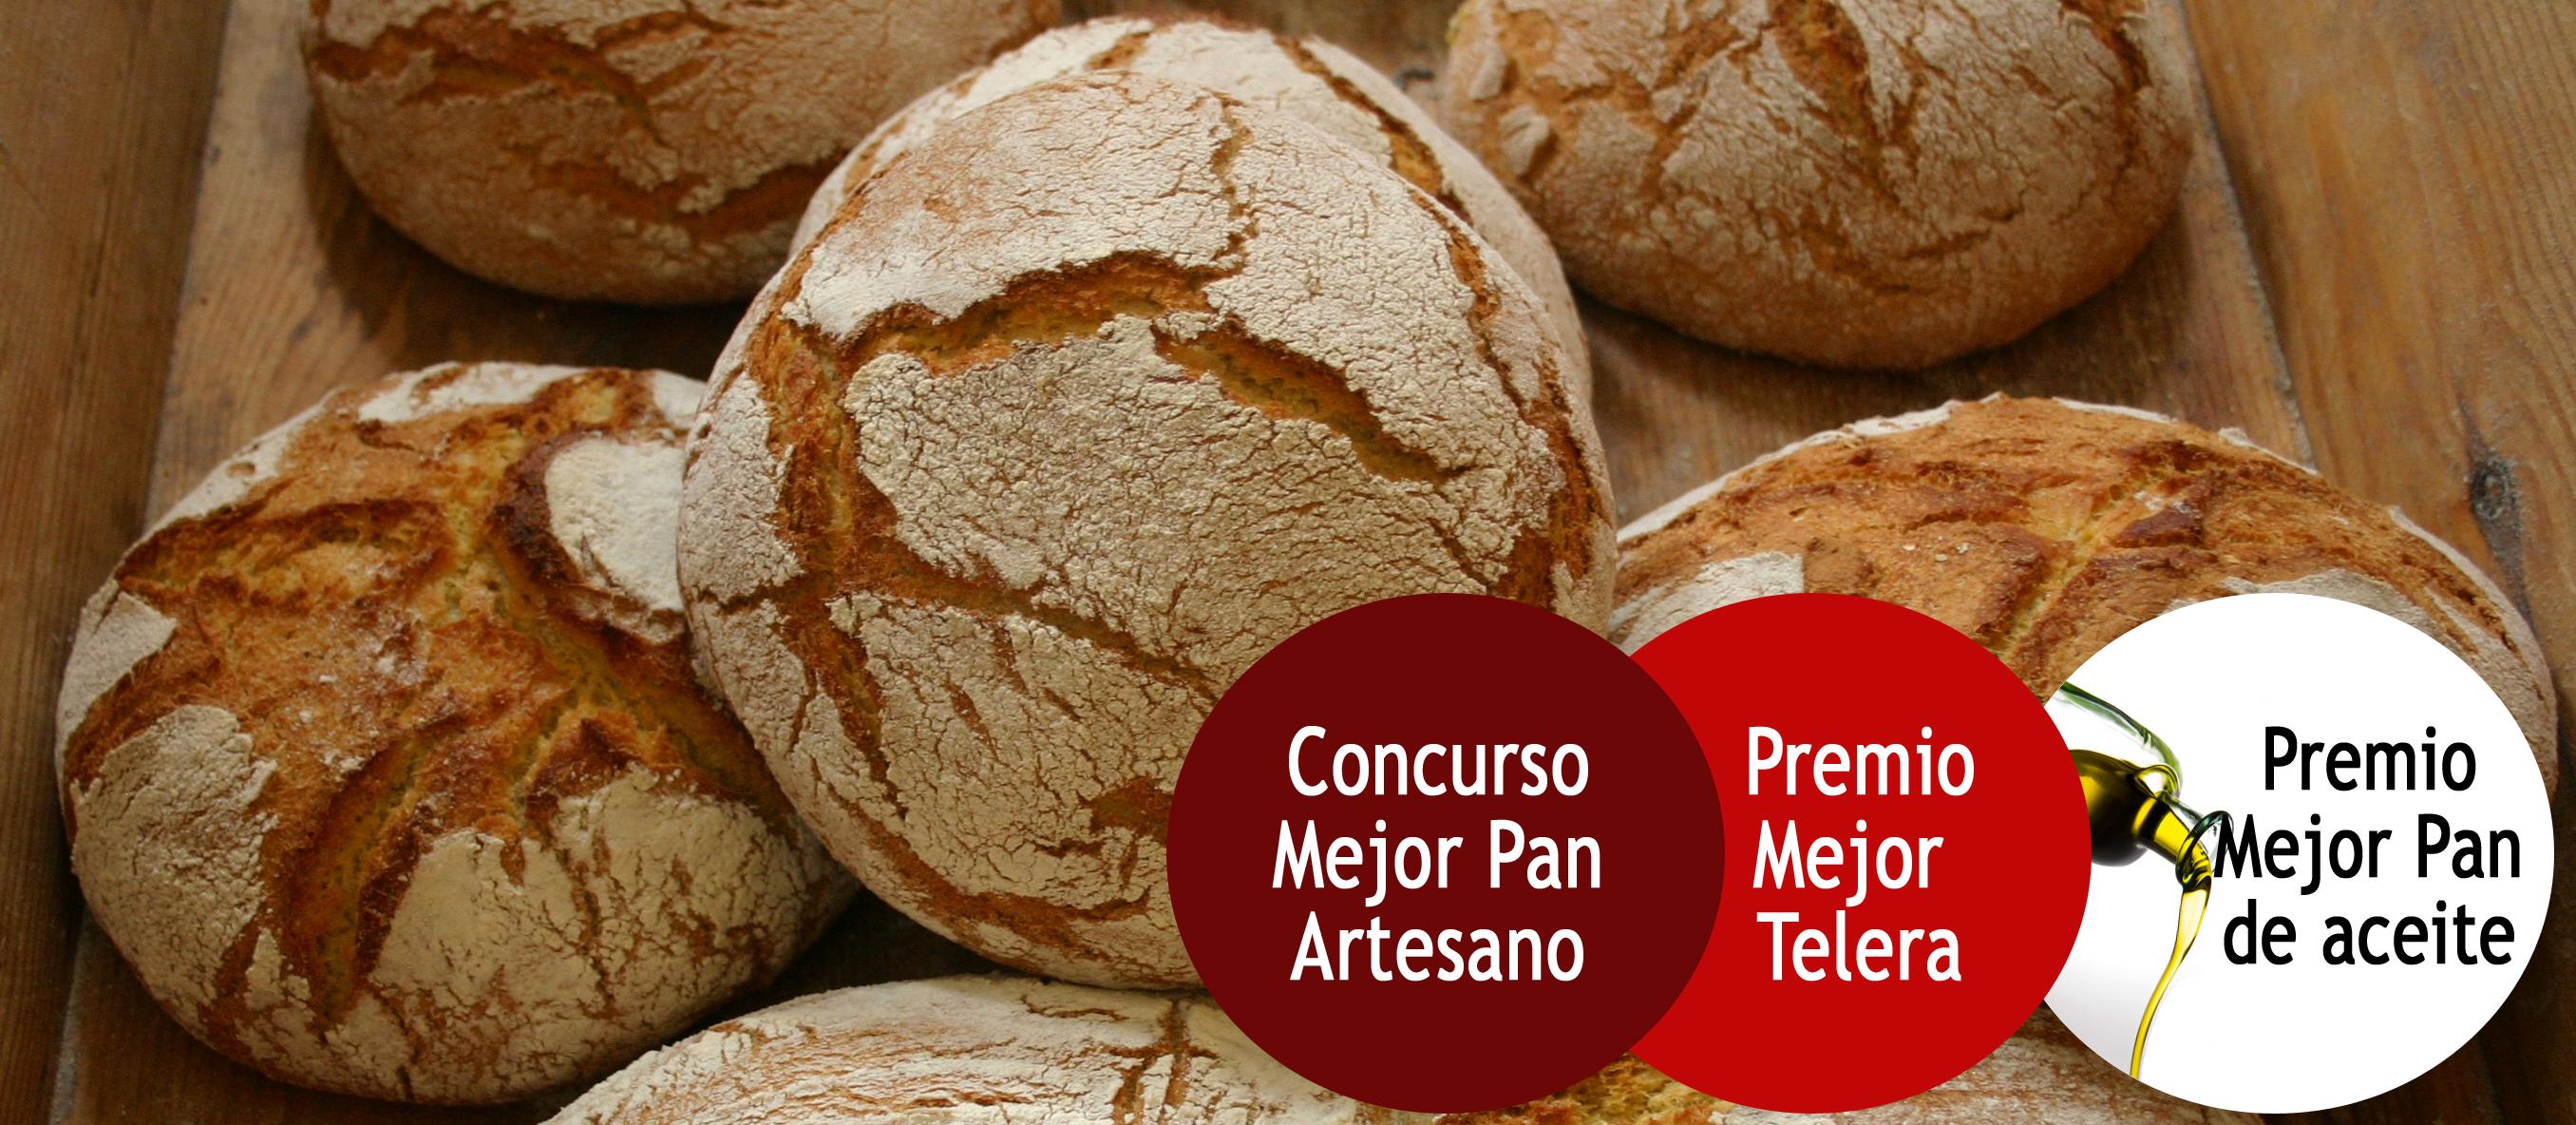 Imagen Concurso Pan artesano, mejor telera y mejor pan de aceite